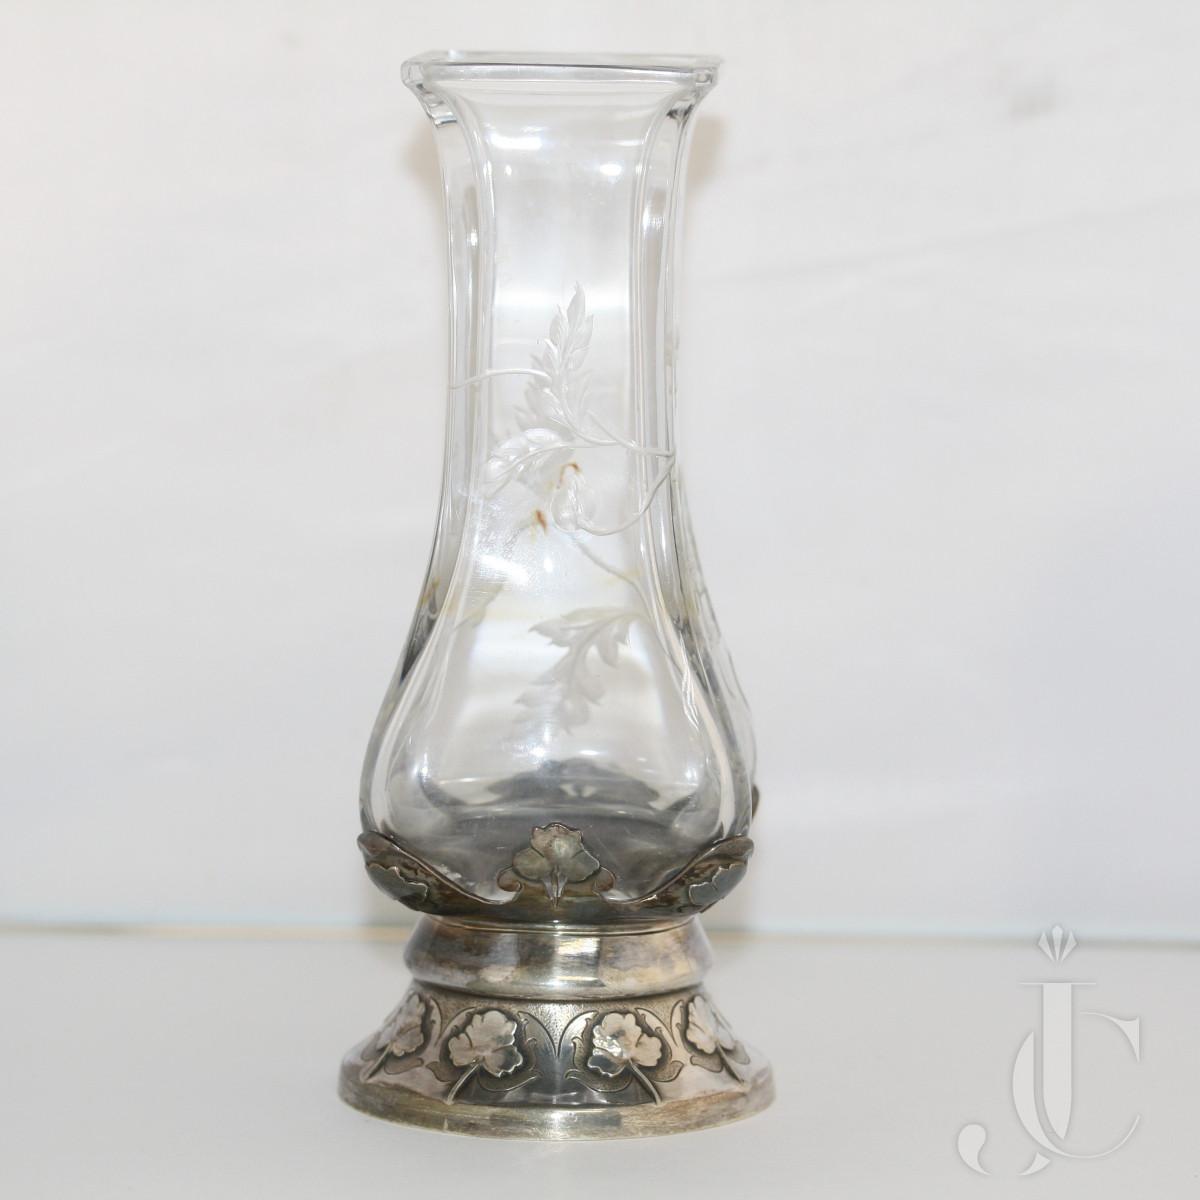 Art Nouveau  Engraved Glass and Silver Soli-Flor Flower Vase by Cardeilhac Paris